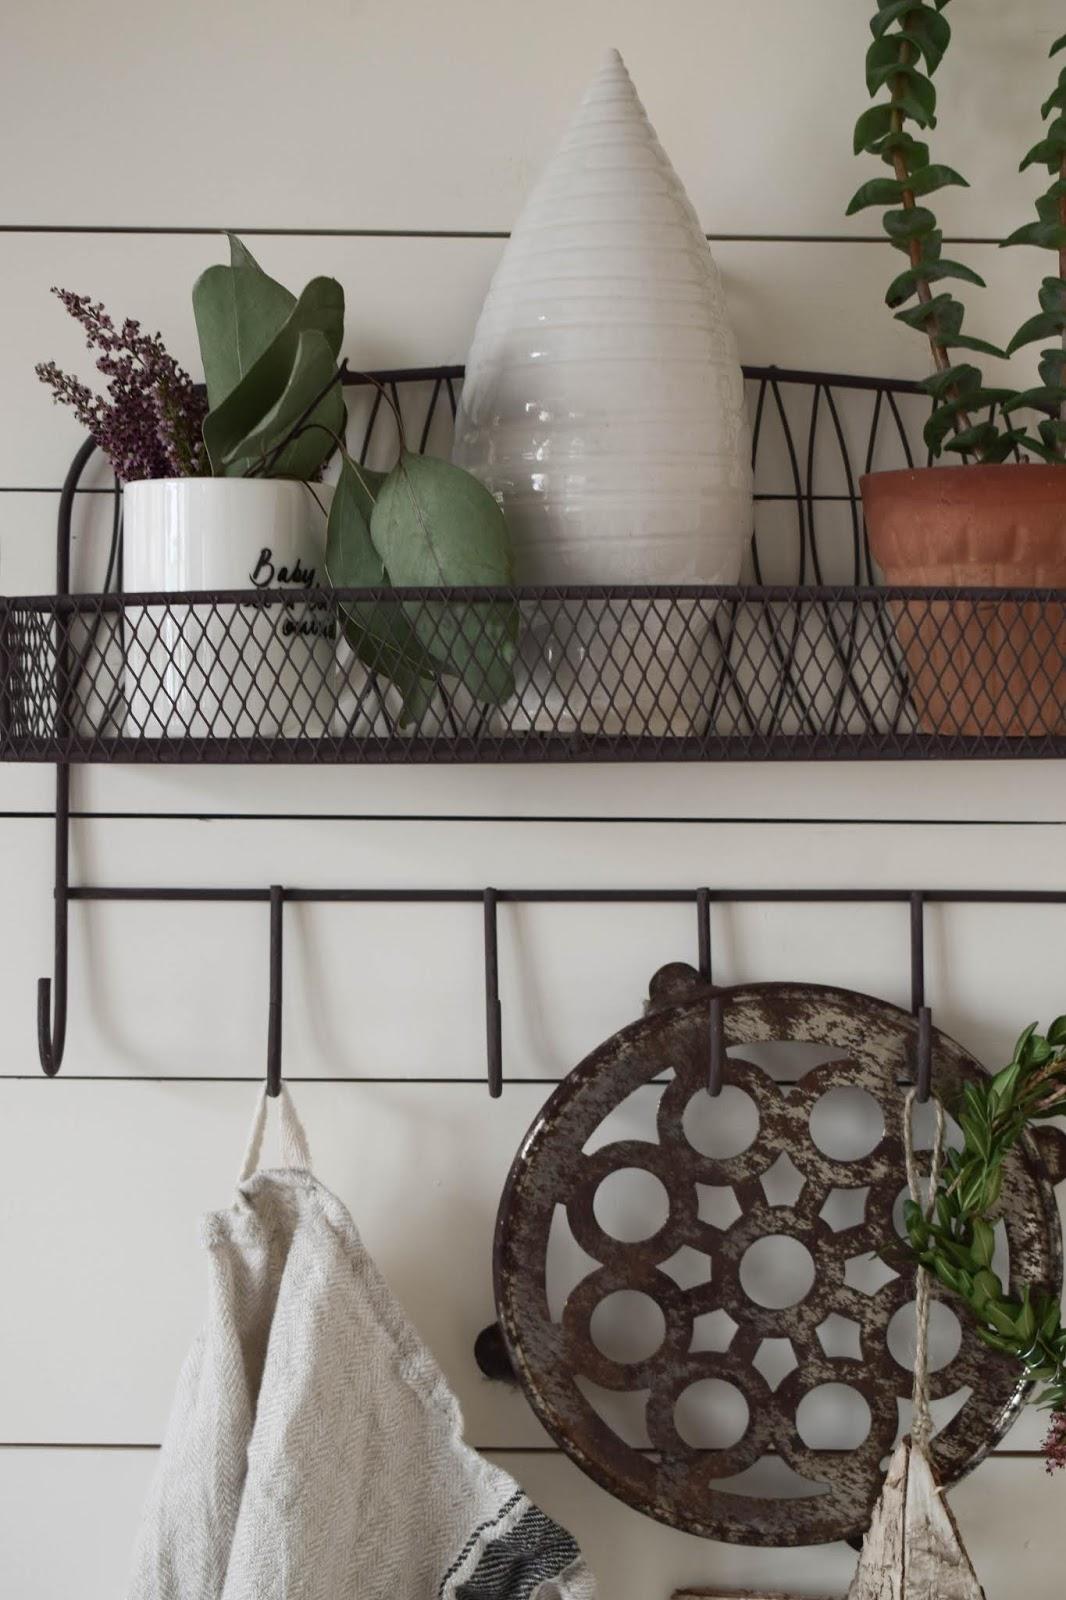 Küche Dekoideen Wand Landhaus dekorieren Aufbewahrung Deko Dekoration